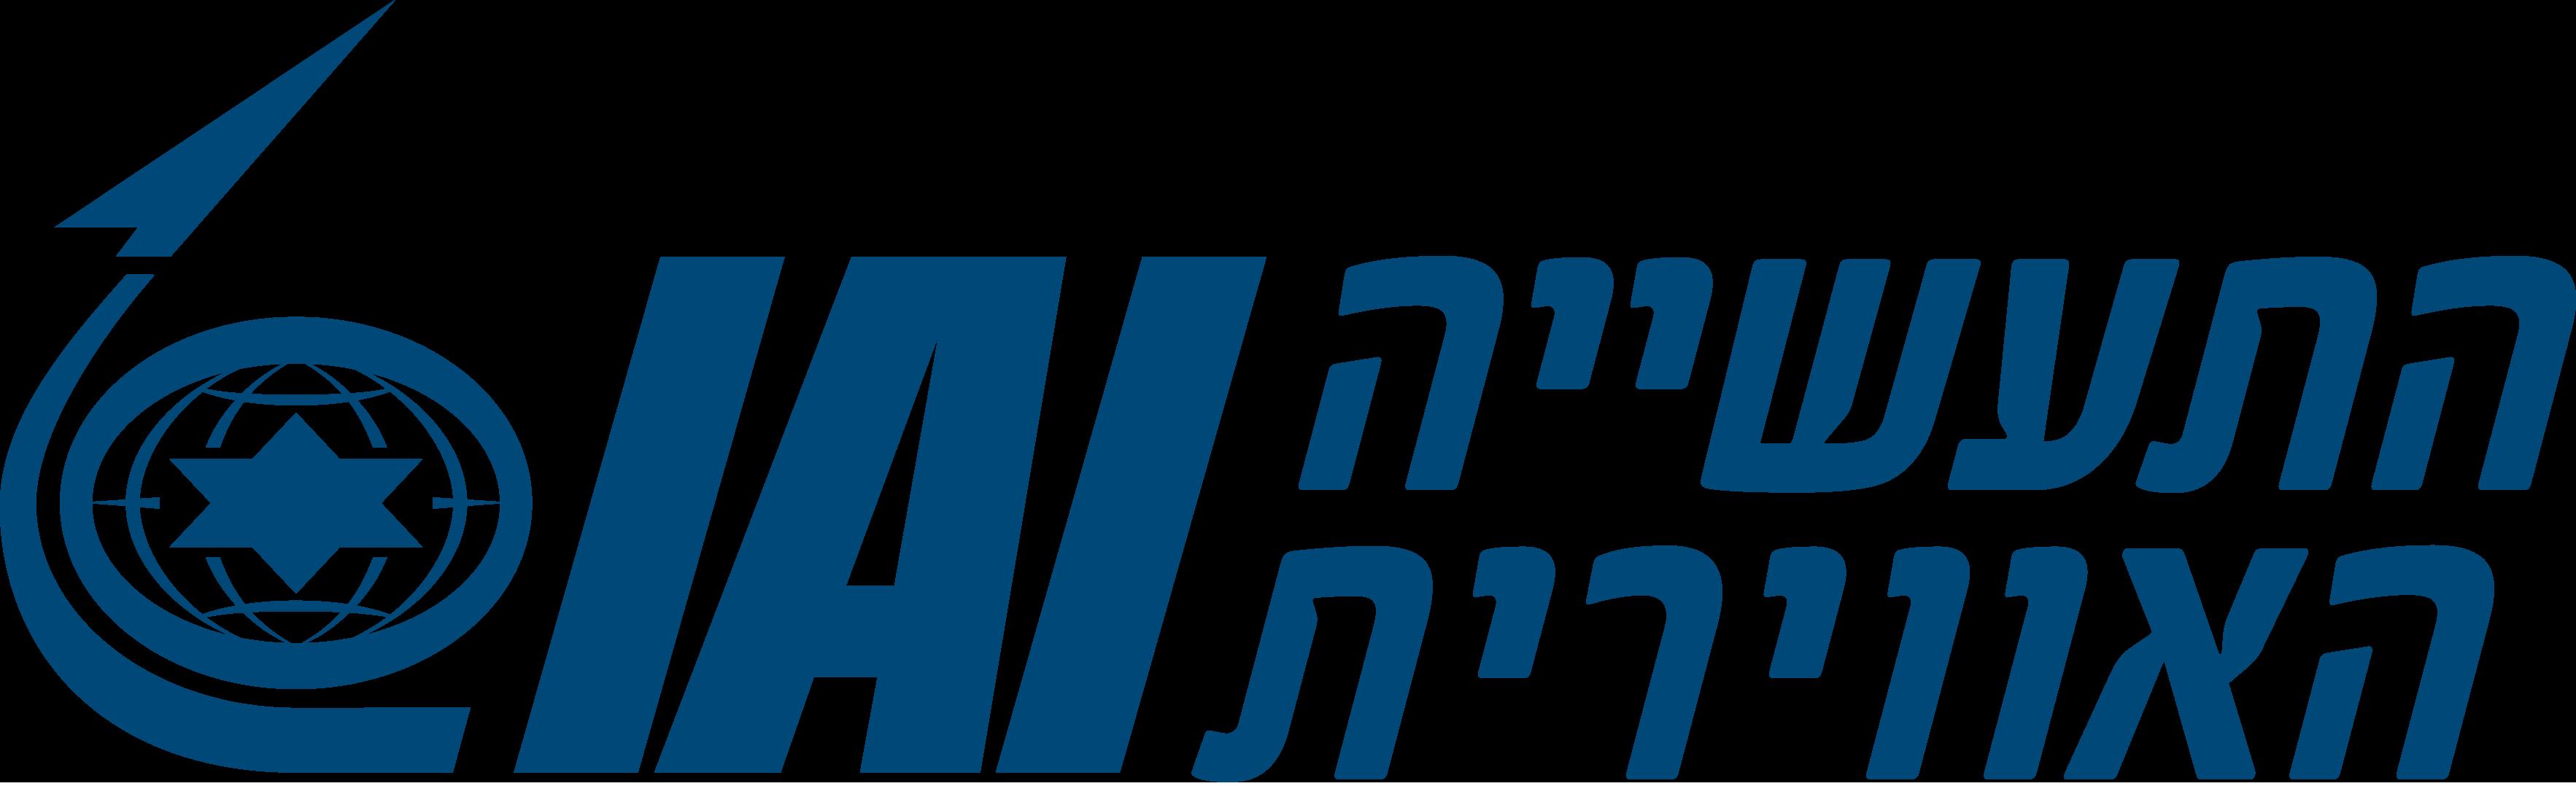 התעשייה האווירית לישראל